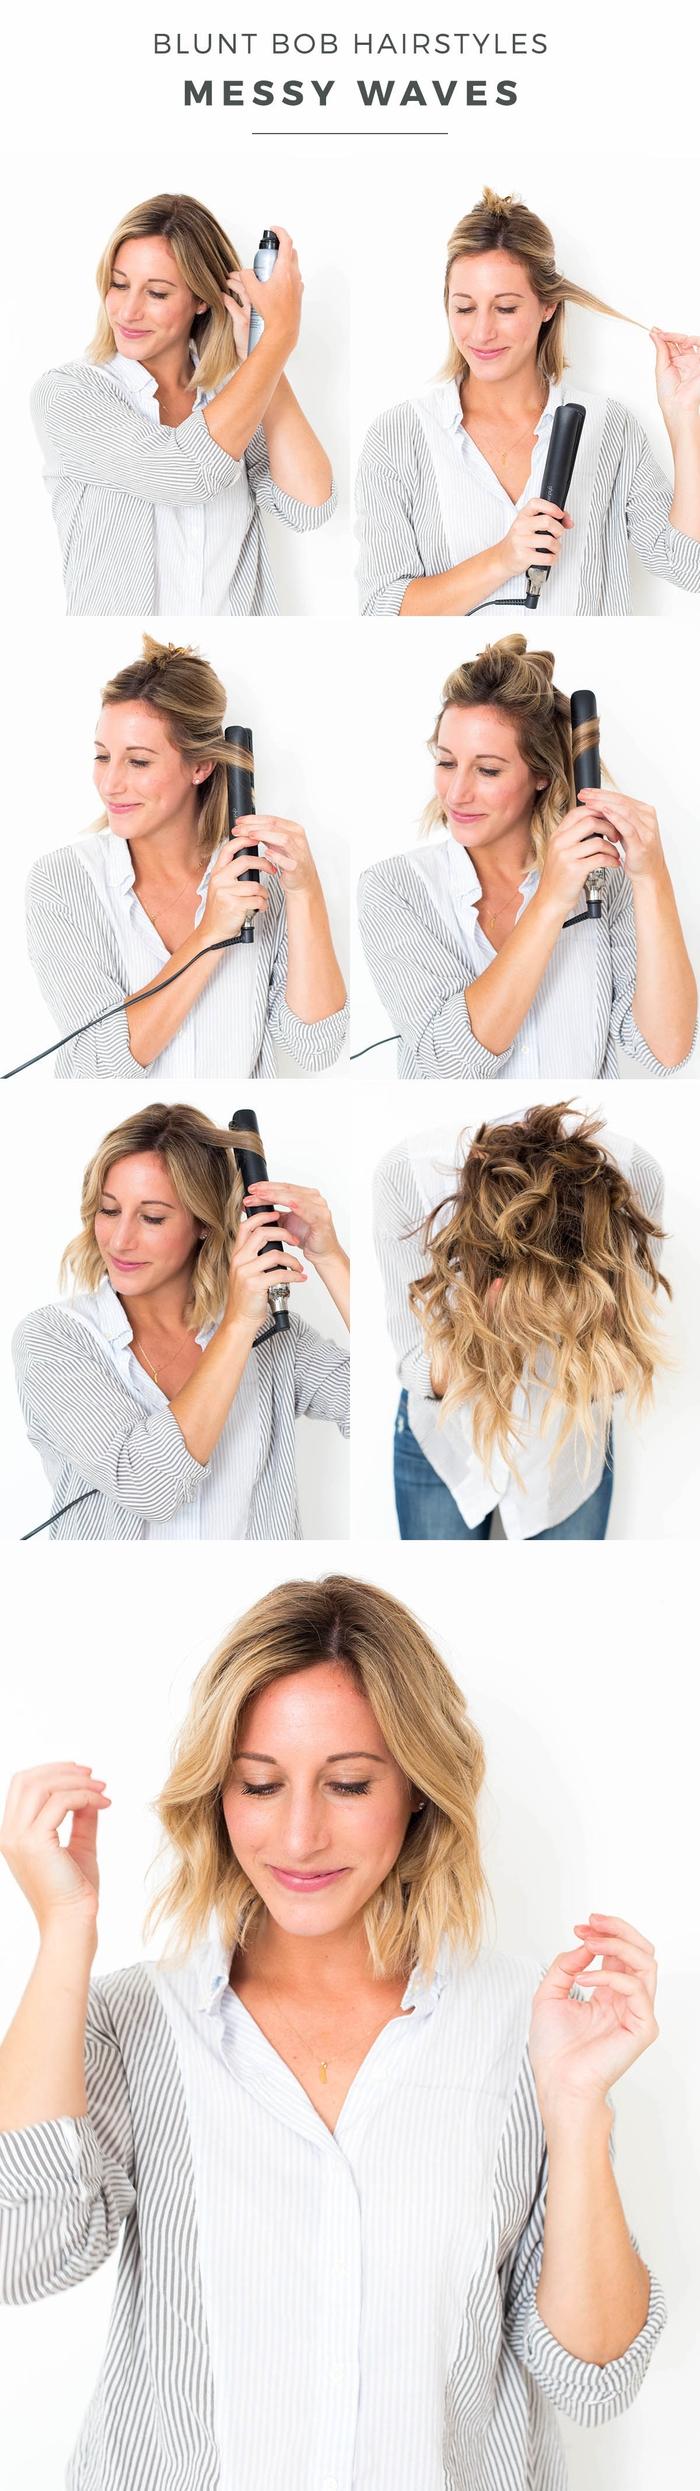 tuto pour réaliser de jolies boucles au lisseur sur un carré mi long ombré hair pour une vision ultra tendance